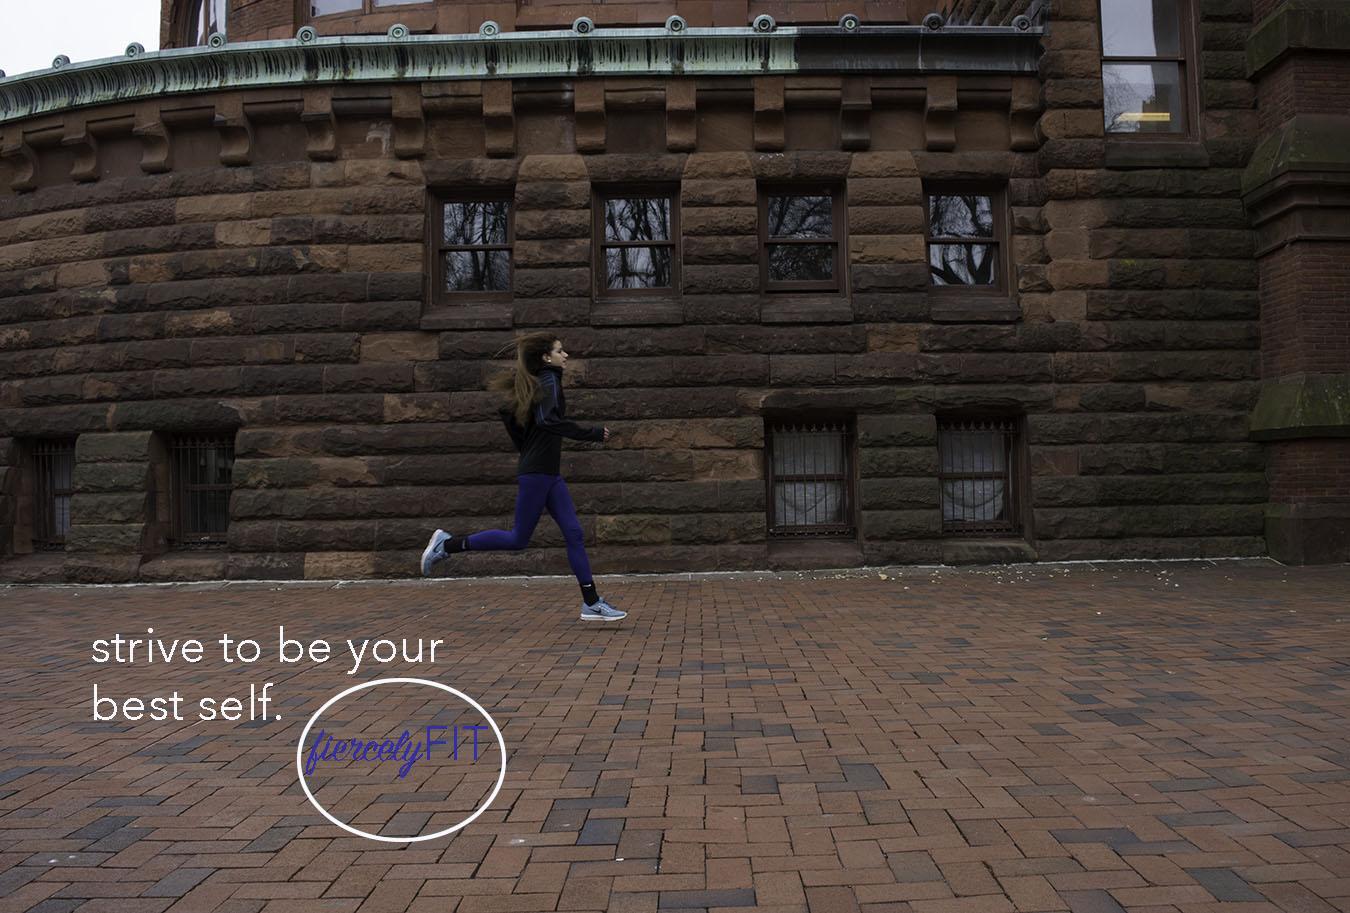 Joy_Lewis_Branding_Athletic_Wear_Fiercly_Fit_Running